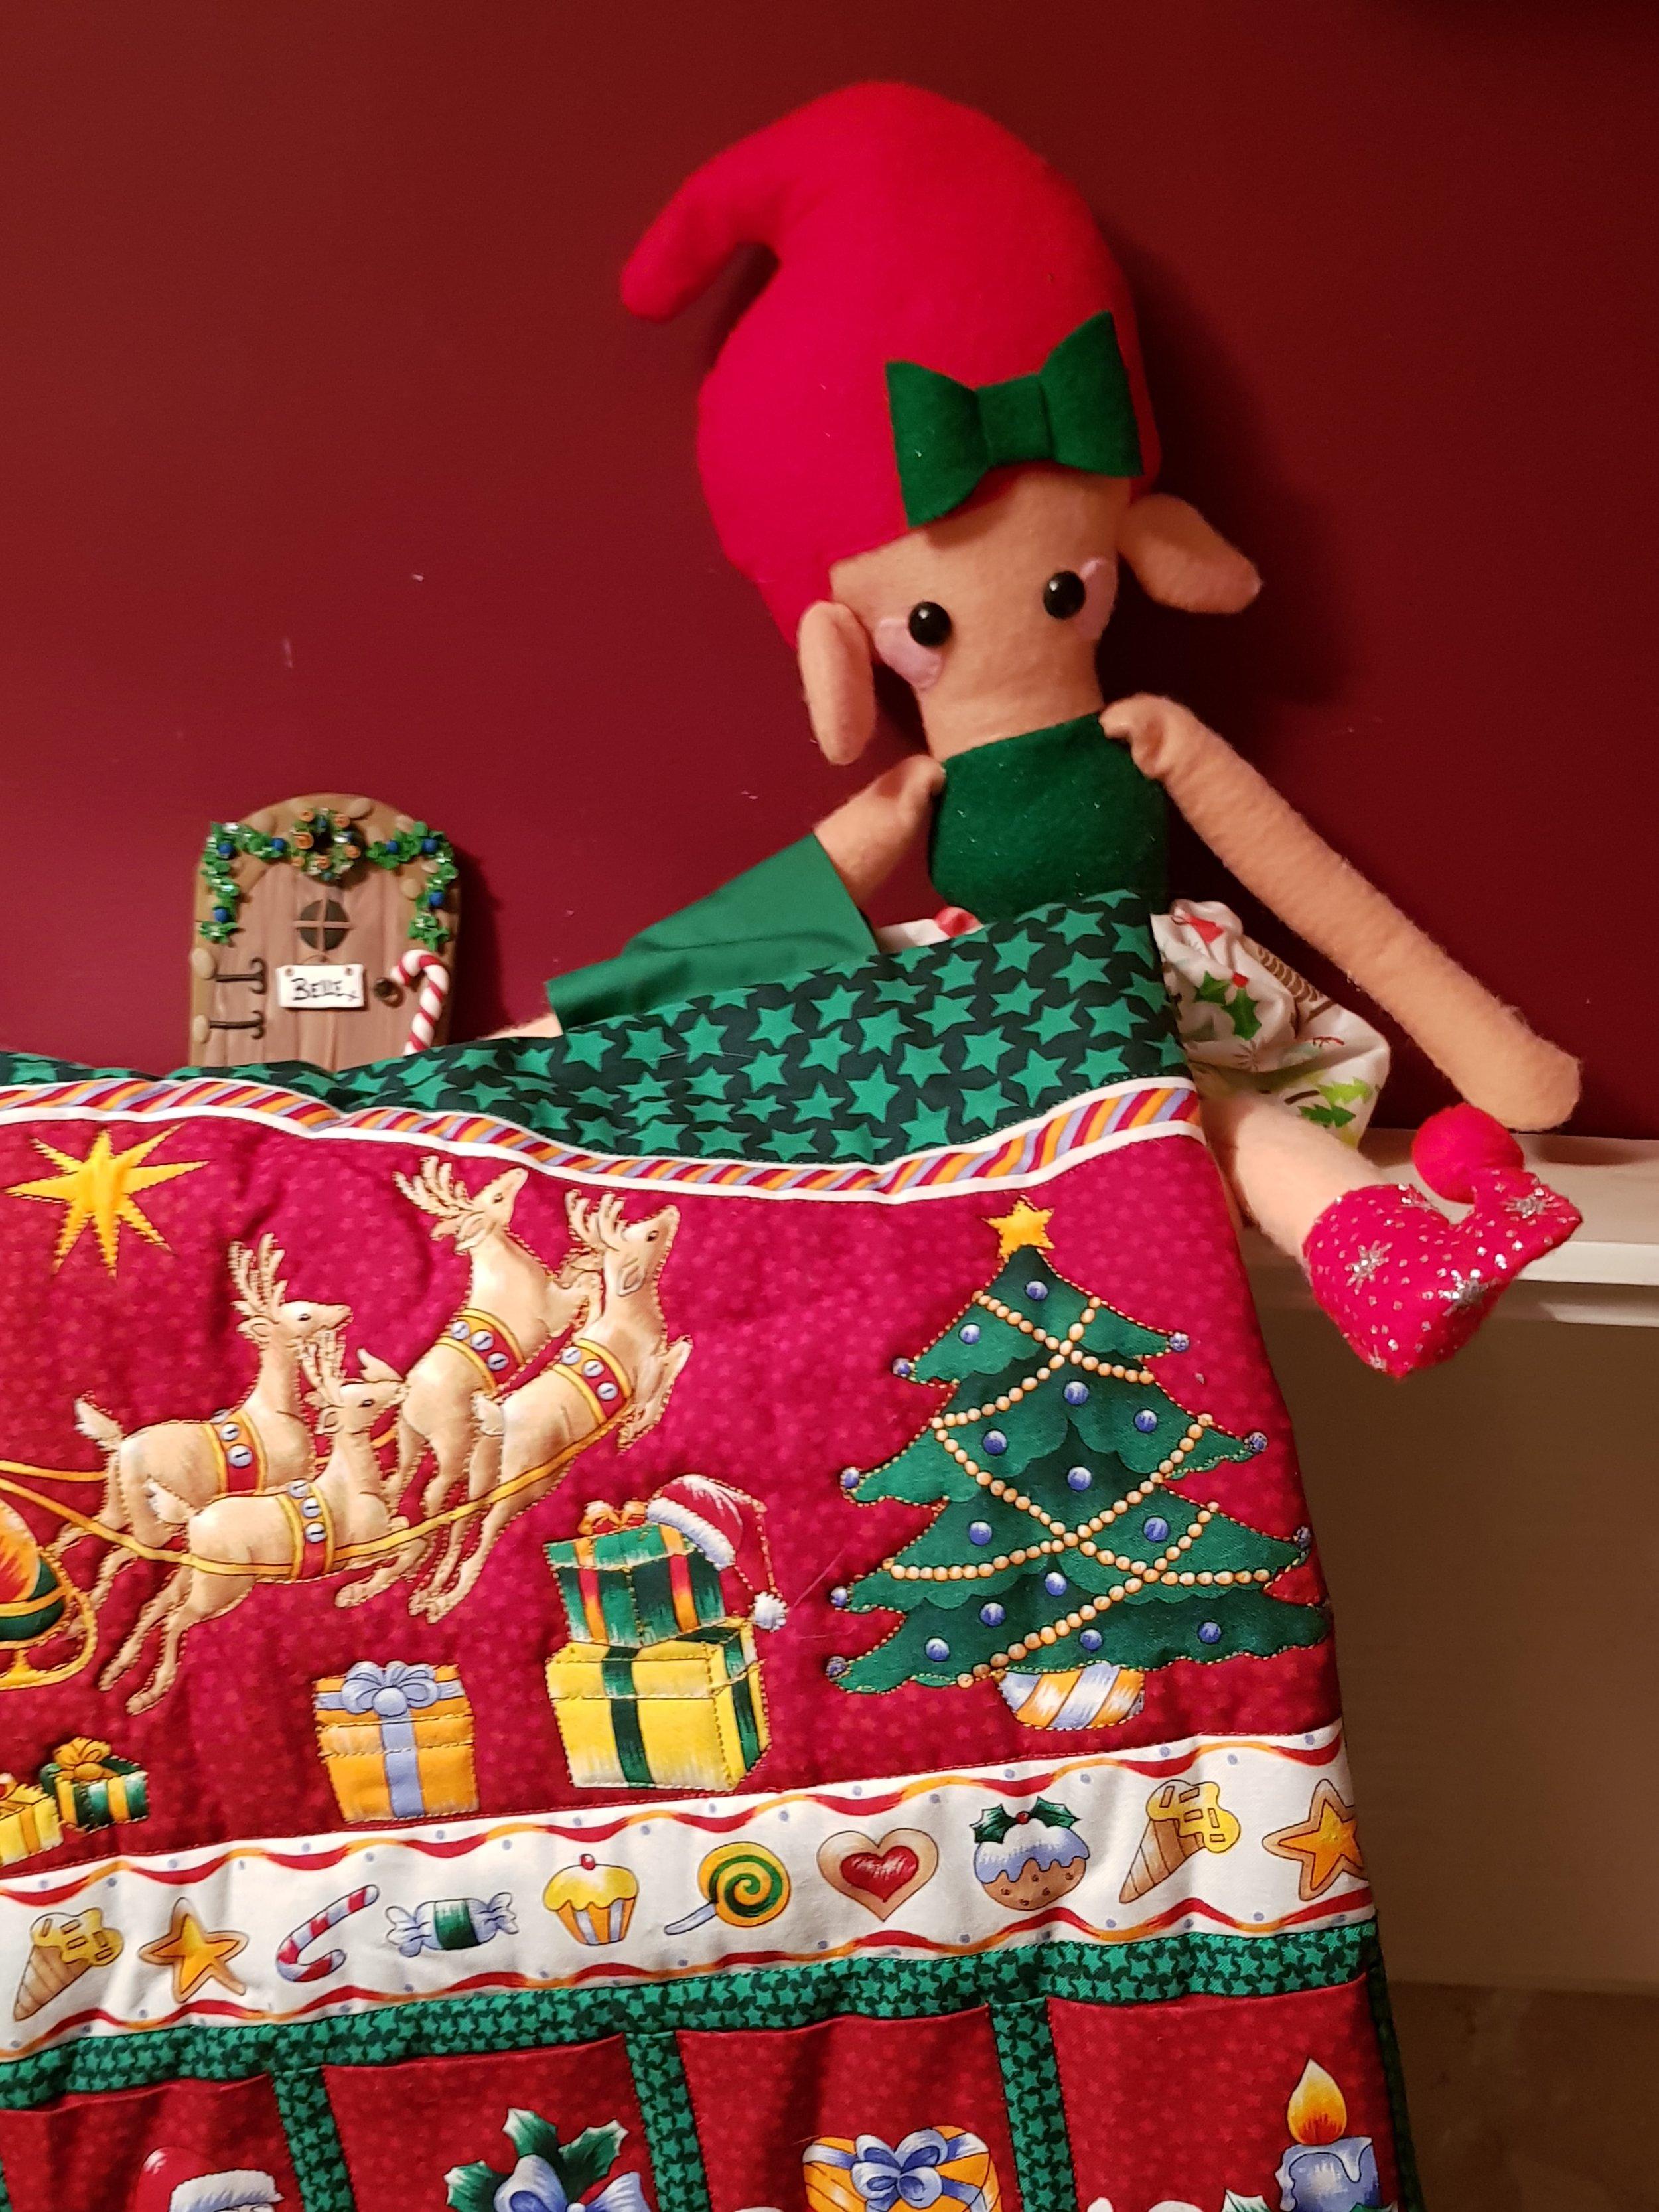 Elf on a Shelf December 1st Advent Calendar